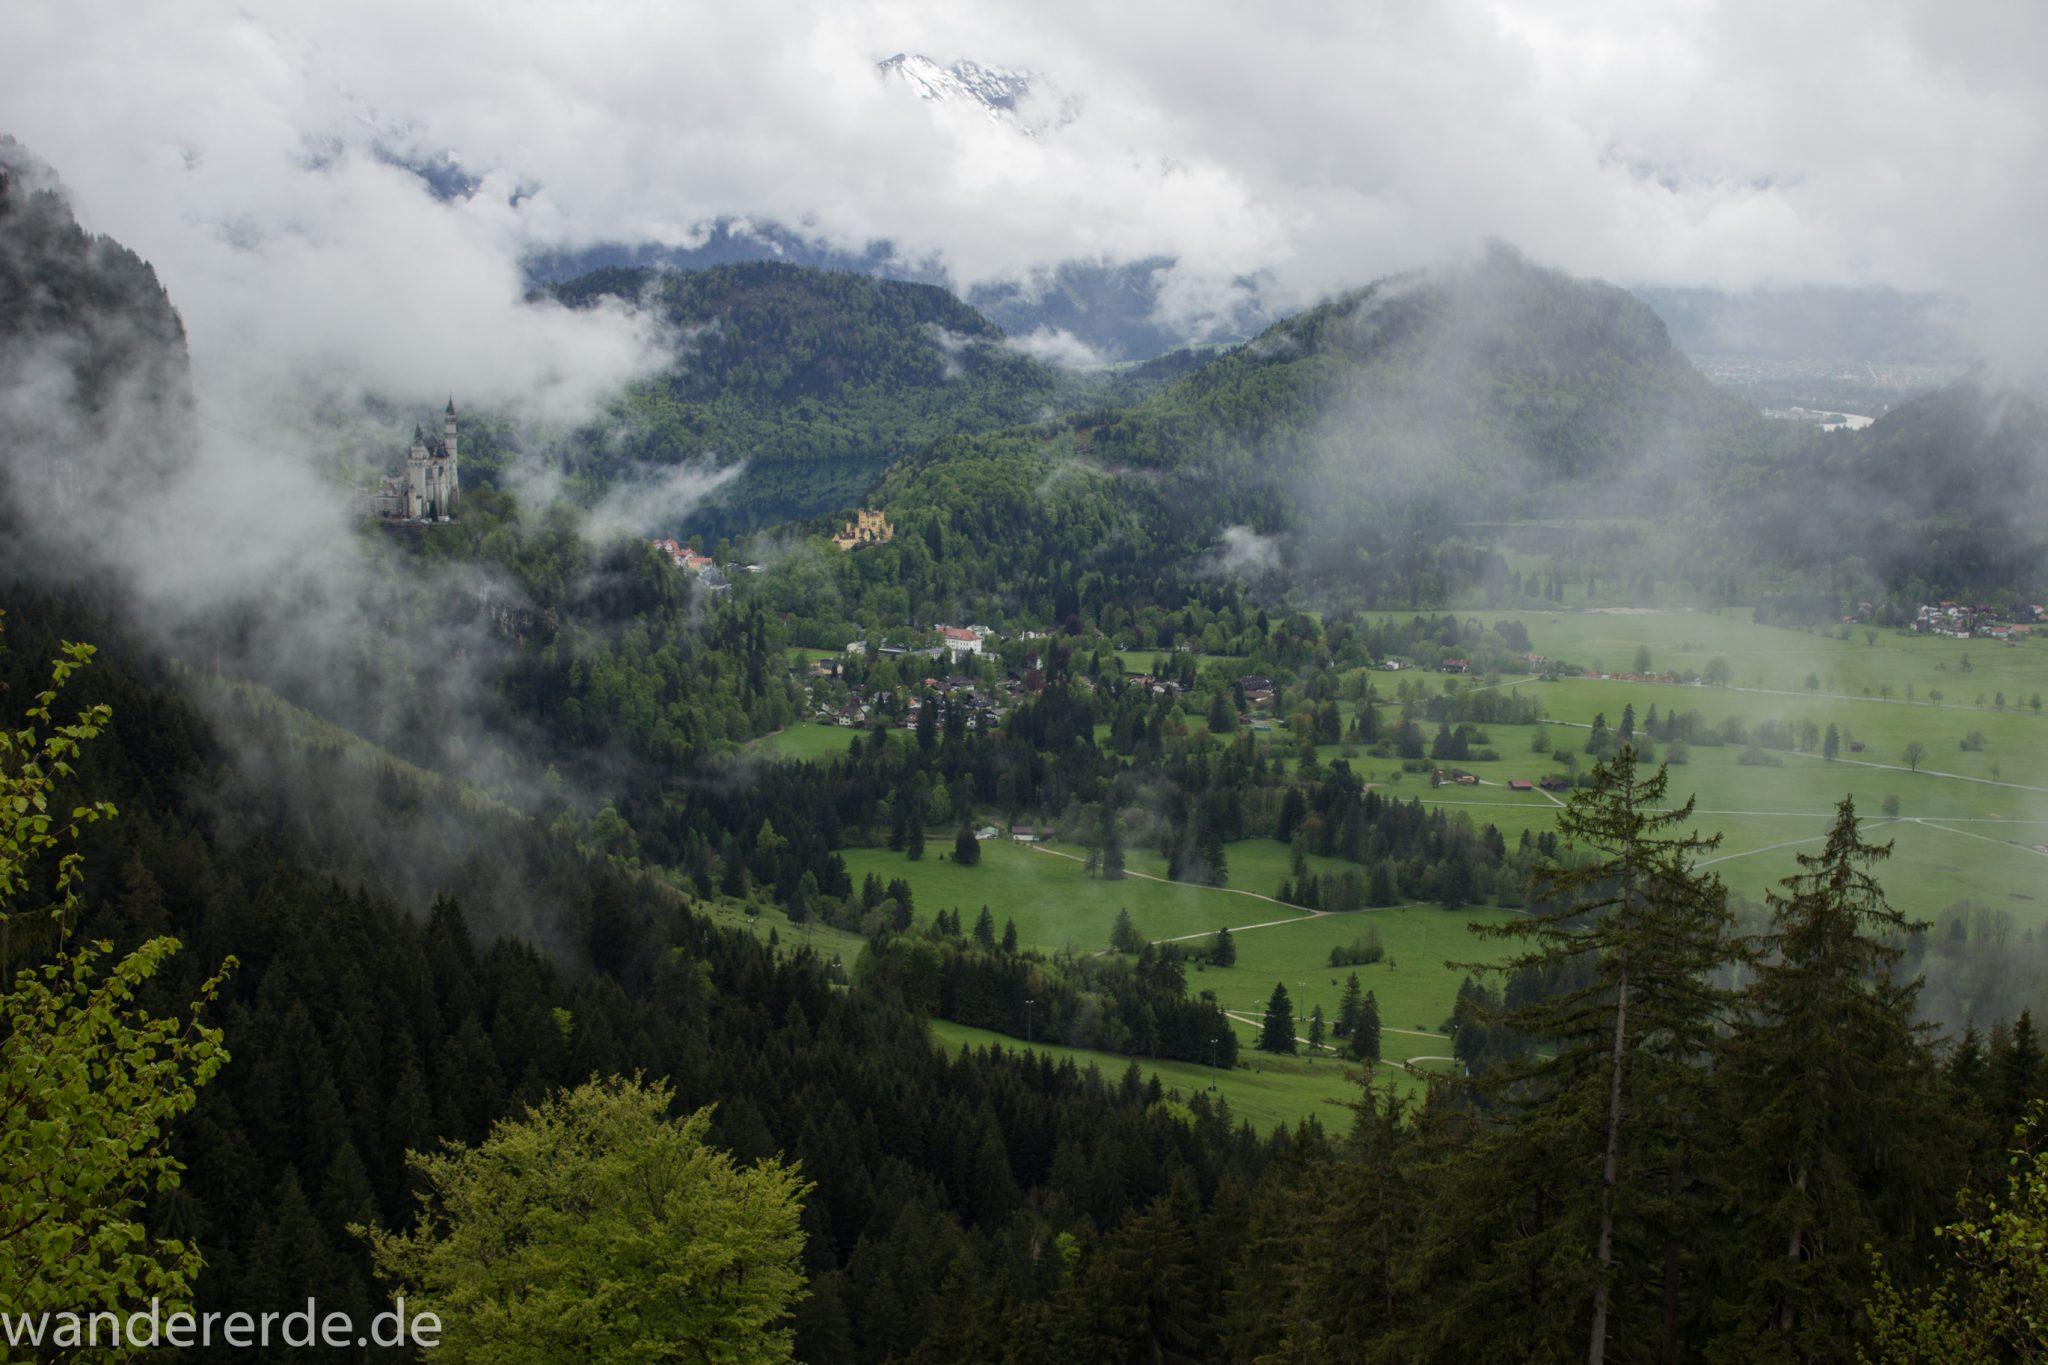 Wandern beim Tegelberg, Tegelbergkopf Wanderung bei Stadt Füssen, Parkplatz Drehhütte bis Rohrkopfhütte, Aussicht auf mächtige Bergkette, Nadelbaum, Wiese, schneebedeckte Gipfel in der Ferne, Königsschlösser, Hohenschwangau, Blick auf Schloß Neuschwanstein, See, schöne Aussicht